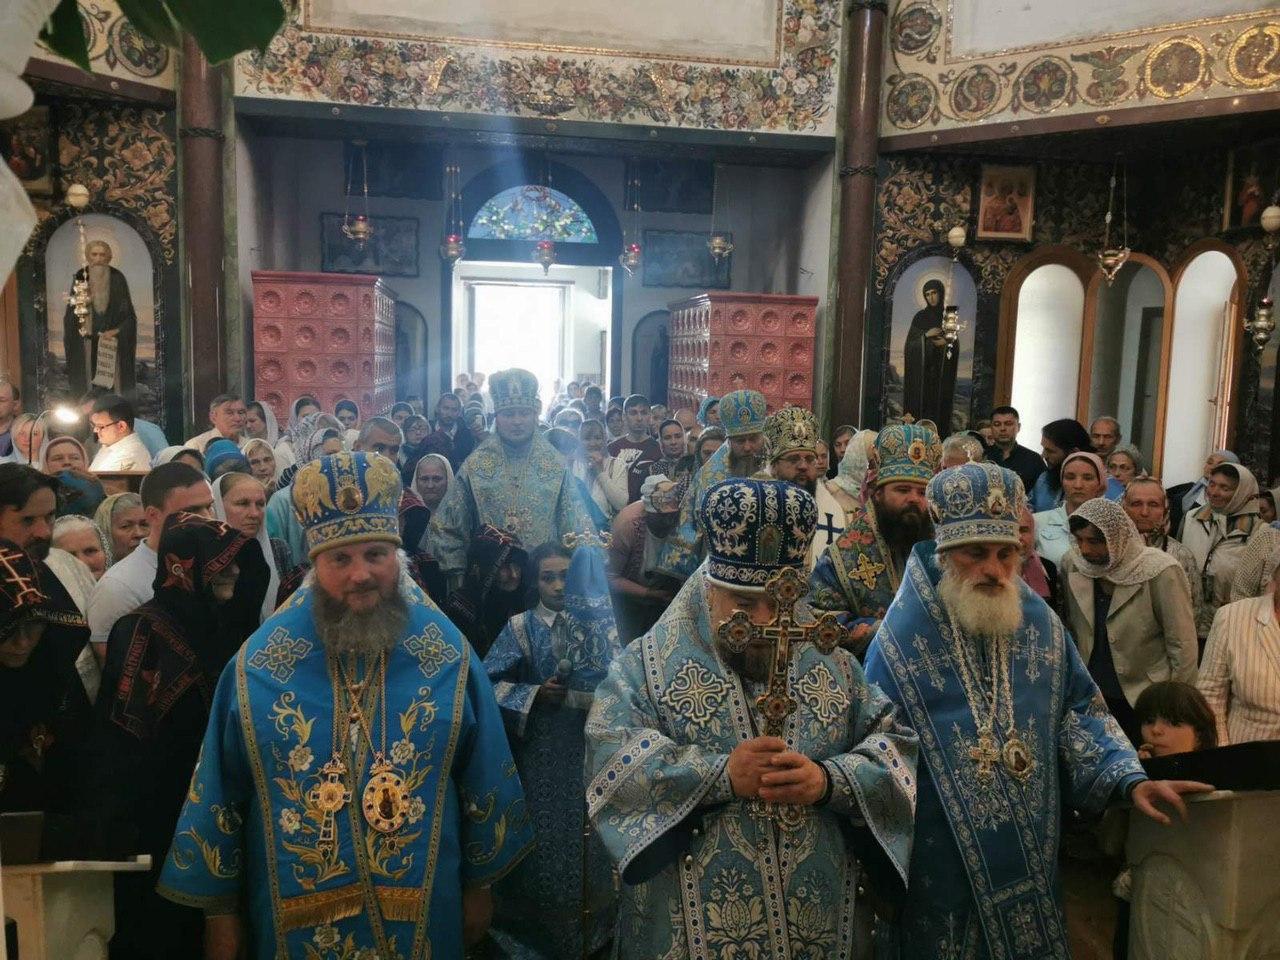 Вікарний єпископ Сергій взяв участь у престольному святі Ризоположенського чоловічого монастиря, що на Київщині